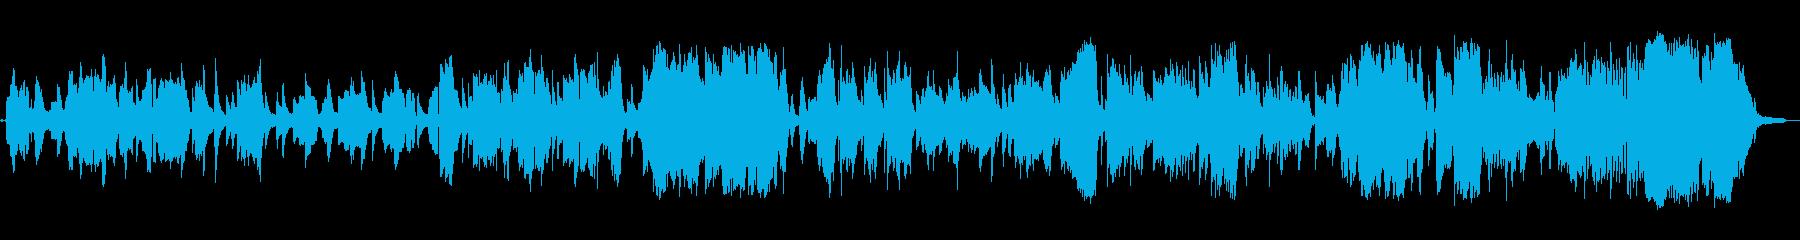 恋人を待っている切ない女性ボーカルの歌の再生済みの波形